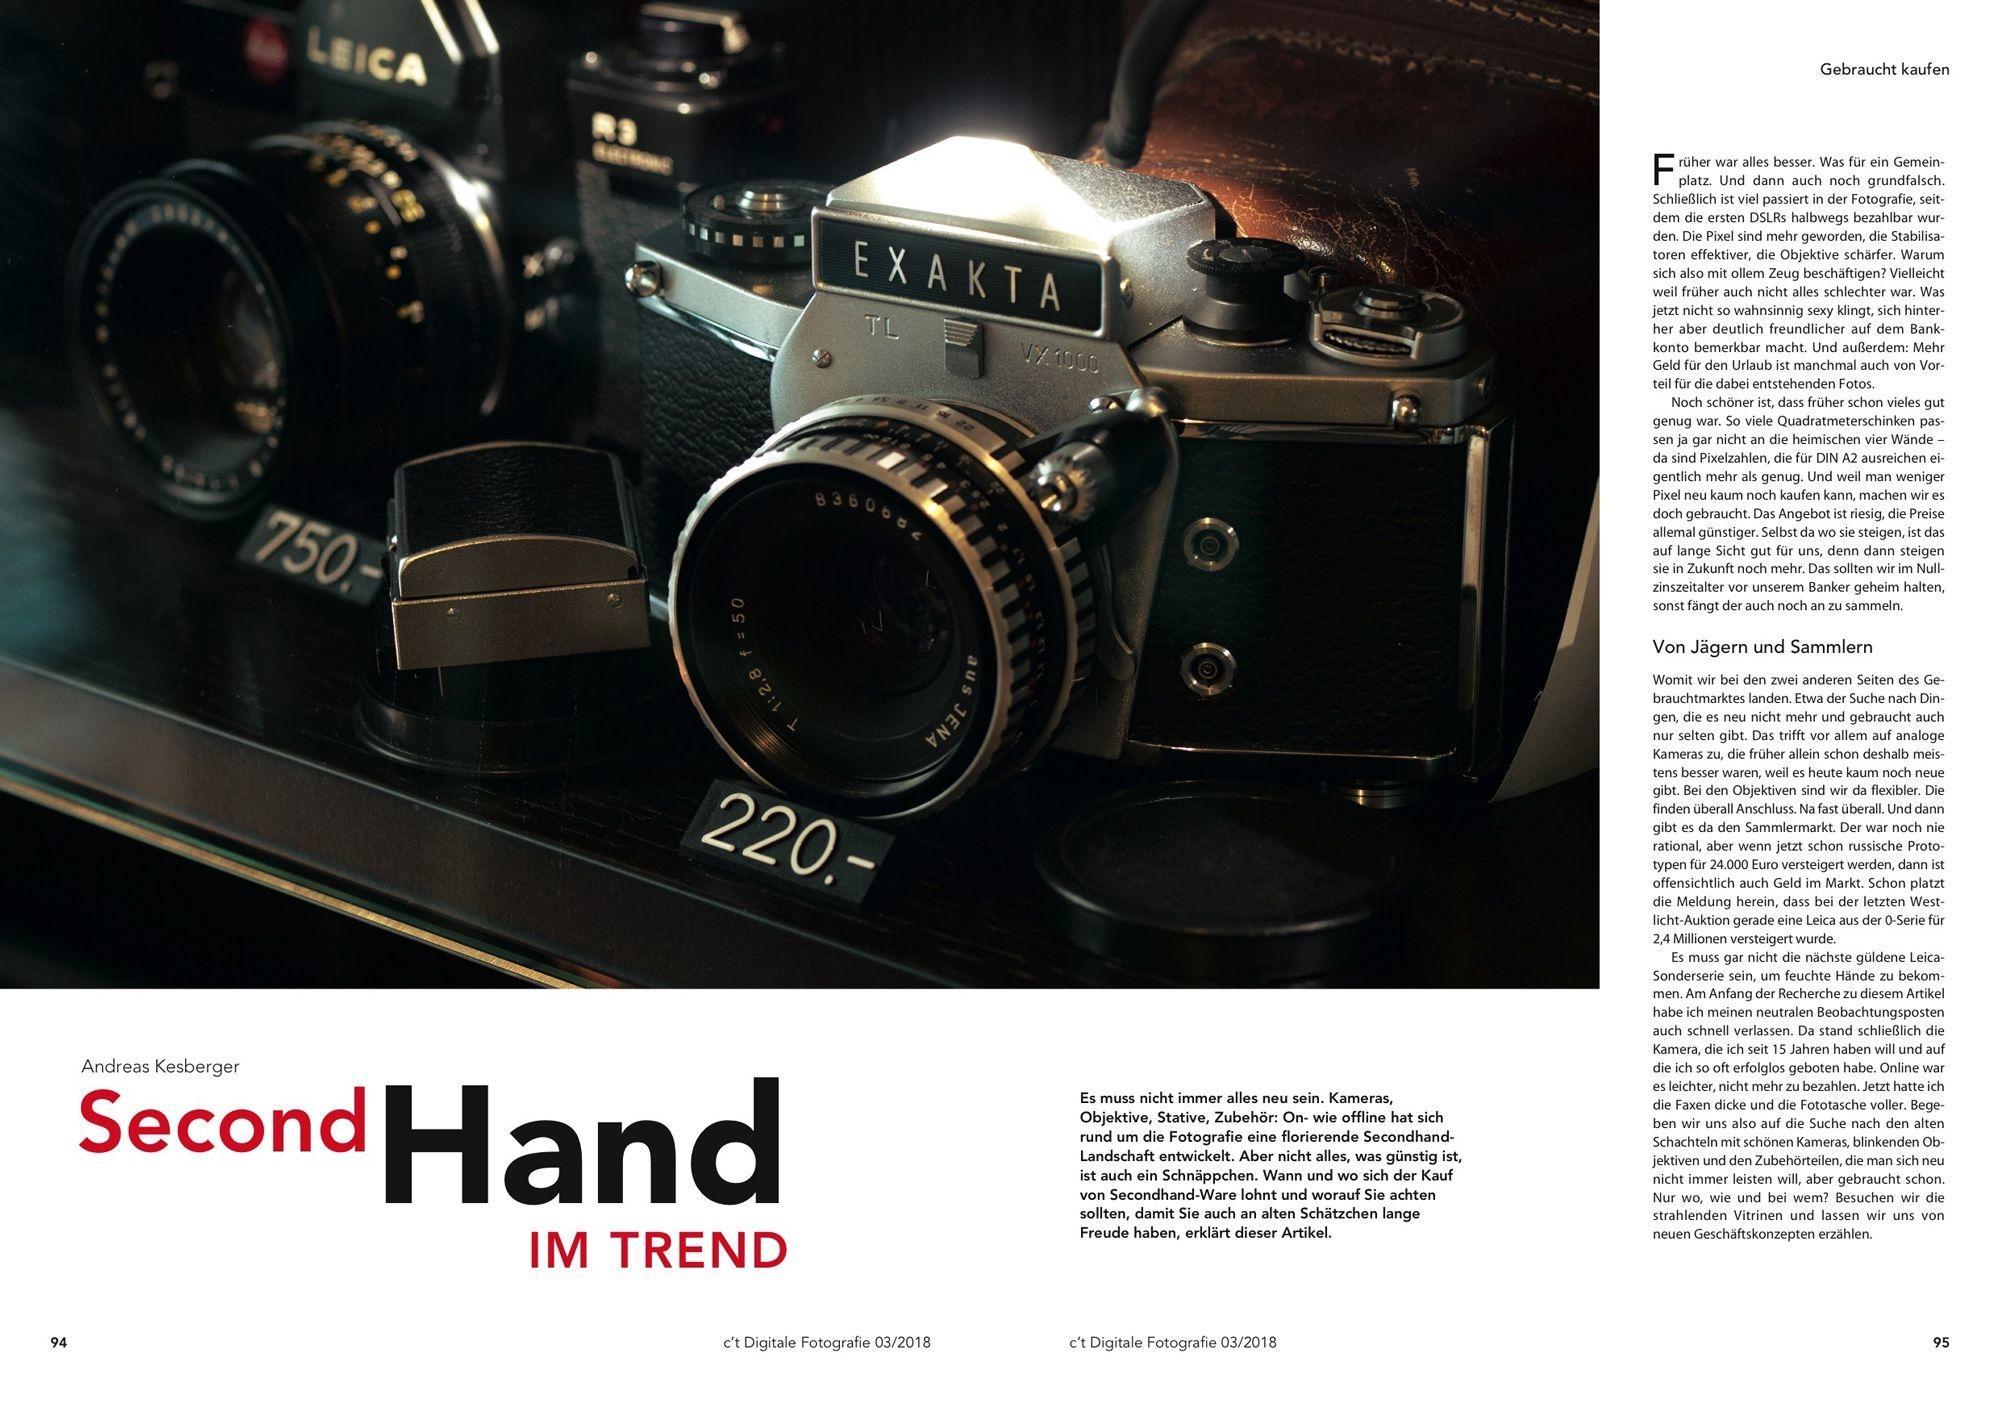 Andreas Kesberger erklärt, wann sich der KAuf von gebrauchter Fototechnik lohnt.